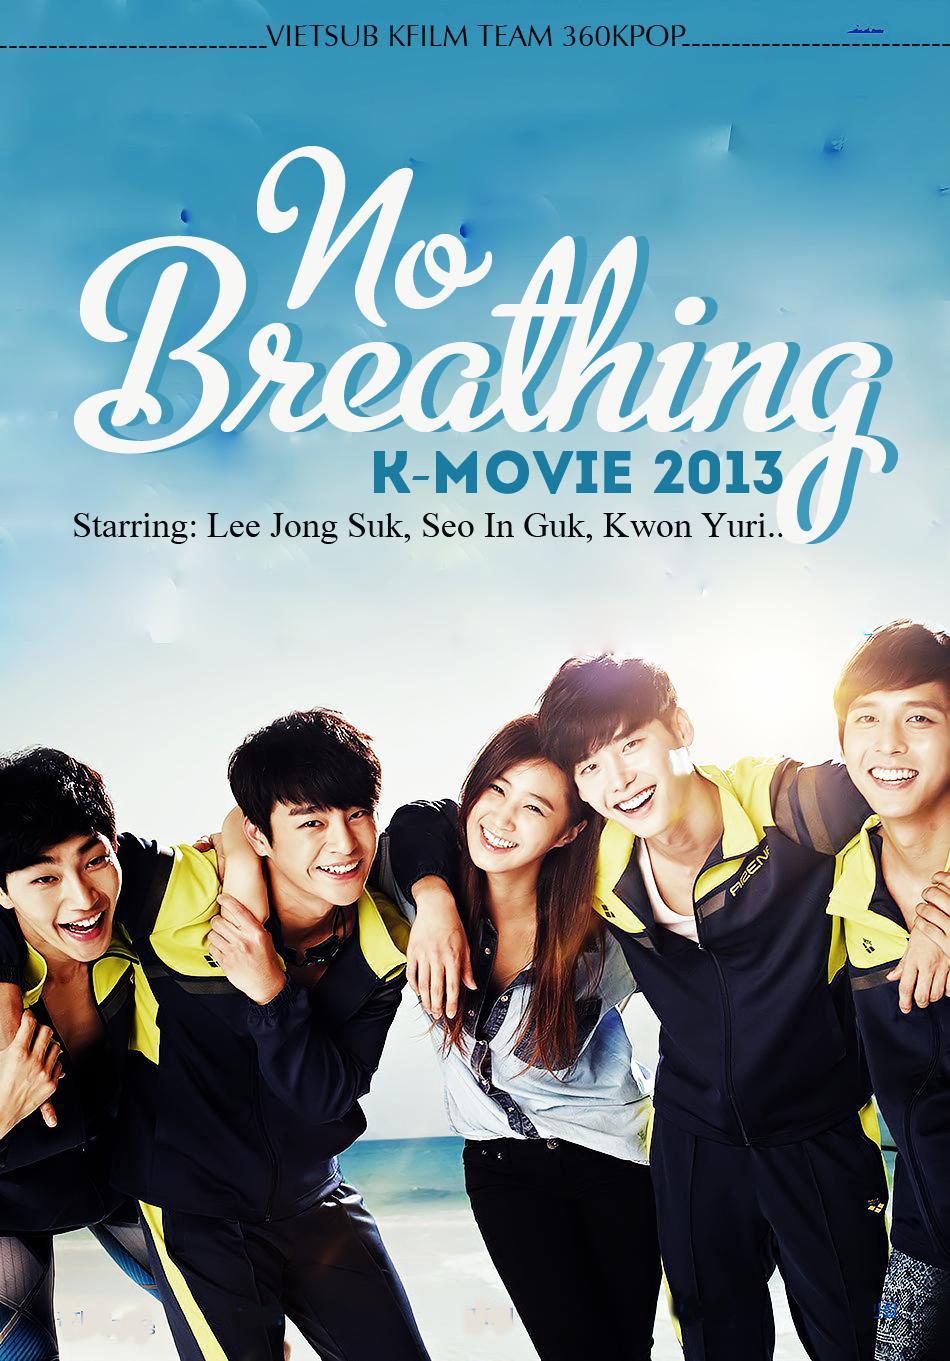 Mỹ nam đại chiến - No Breathing (2013)